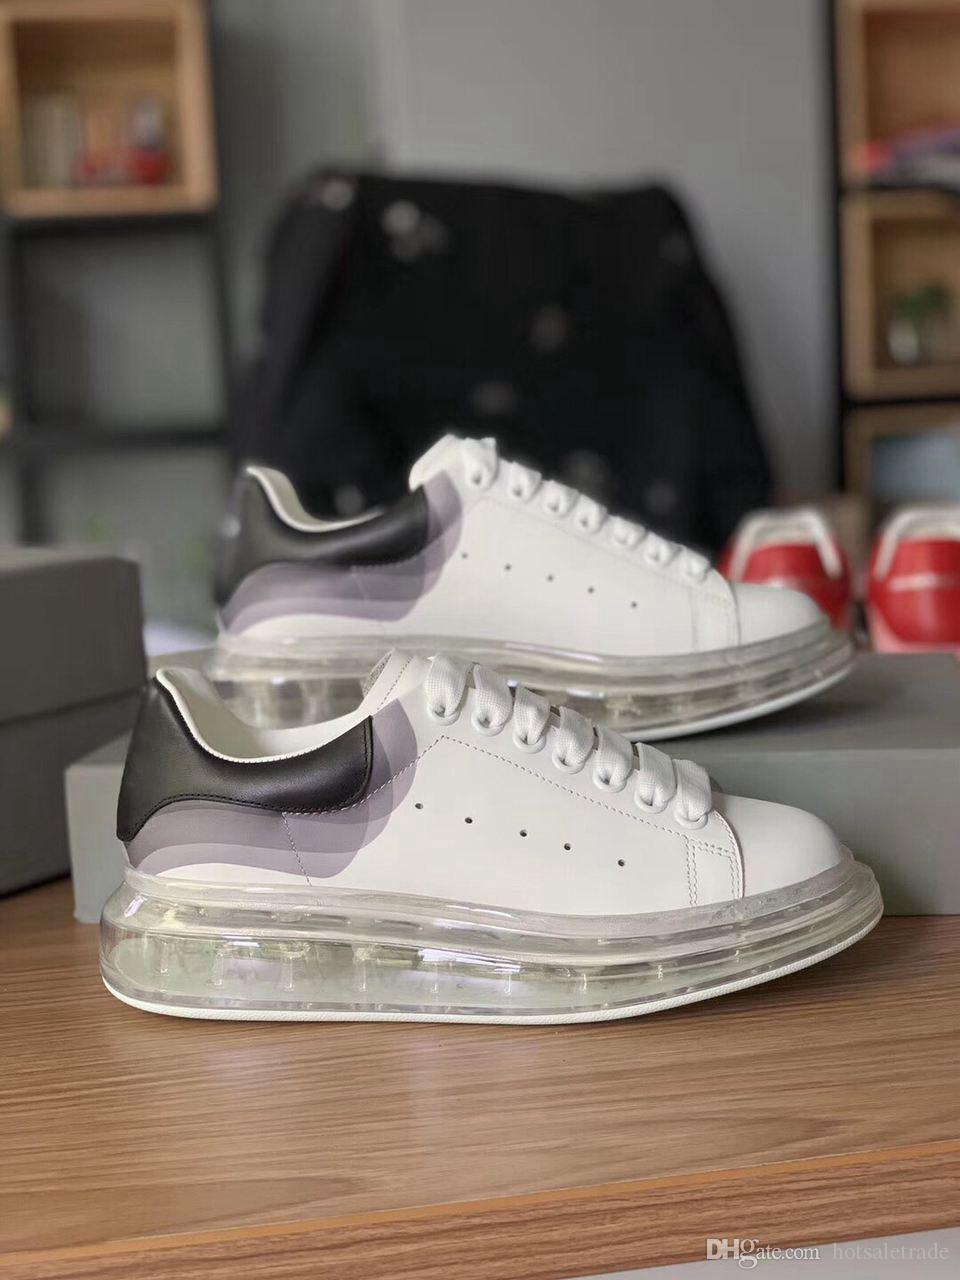 Piattaforma delle donne degli uomini neri Scarpe scarpe Air Cusion Sneakers Casual Shoes 2019 neri Pattini casuali con la scatola, sacchetto di polvere